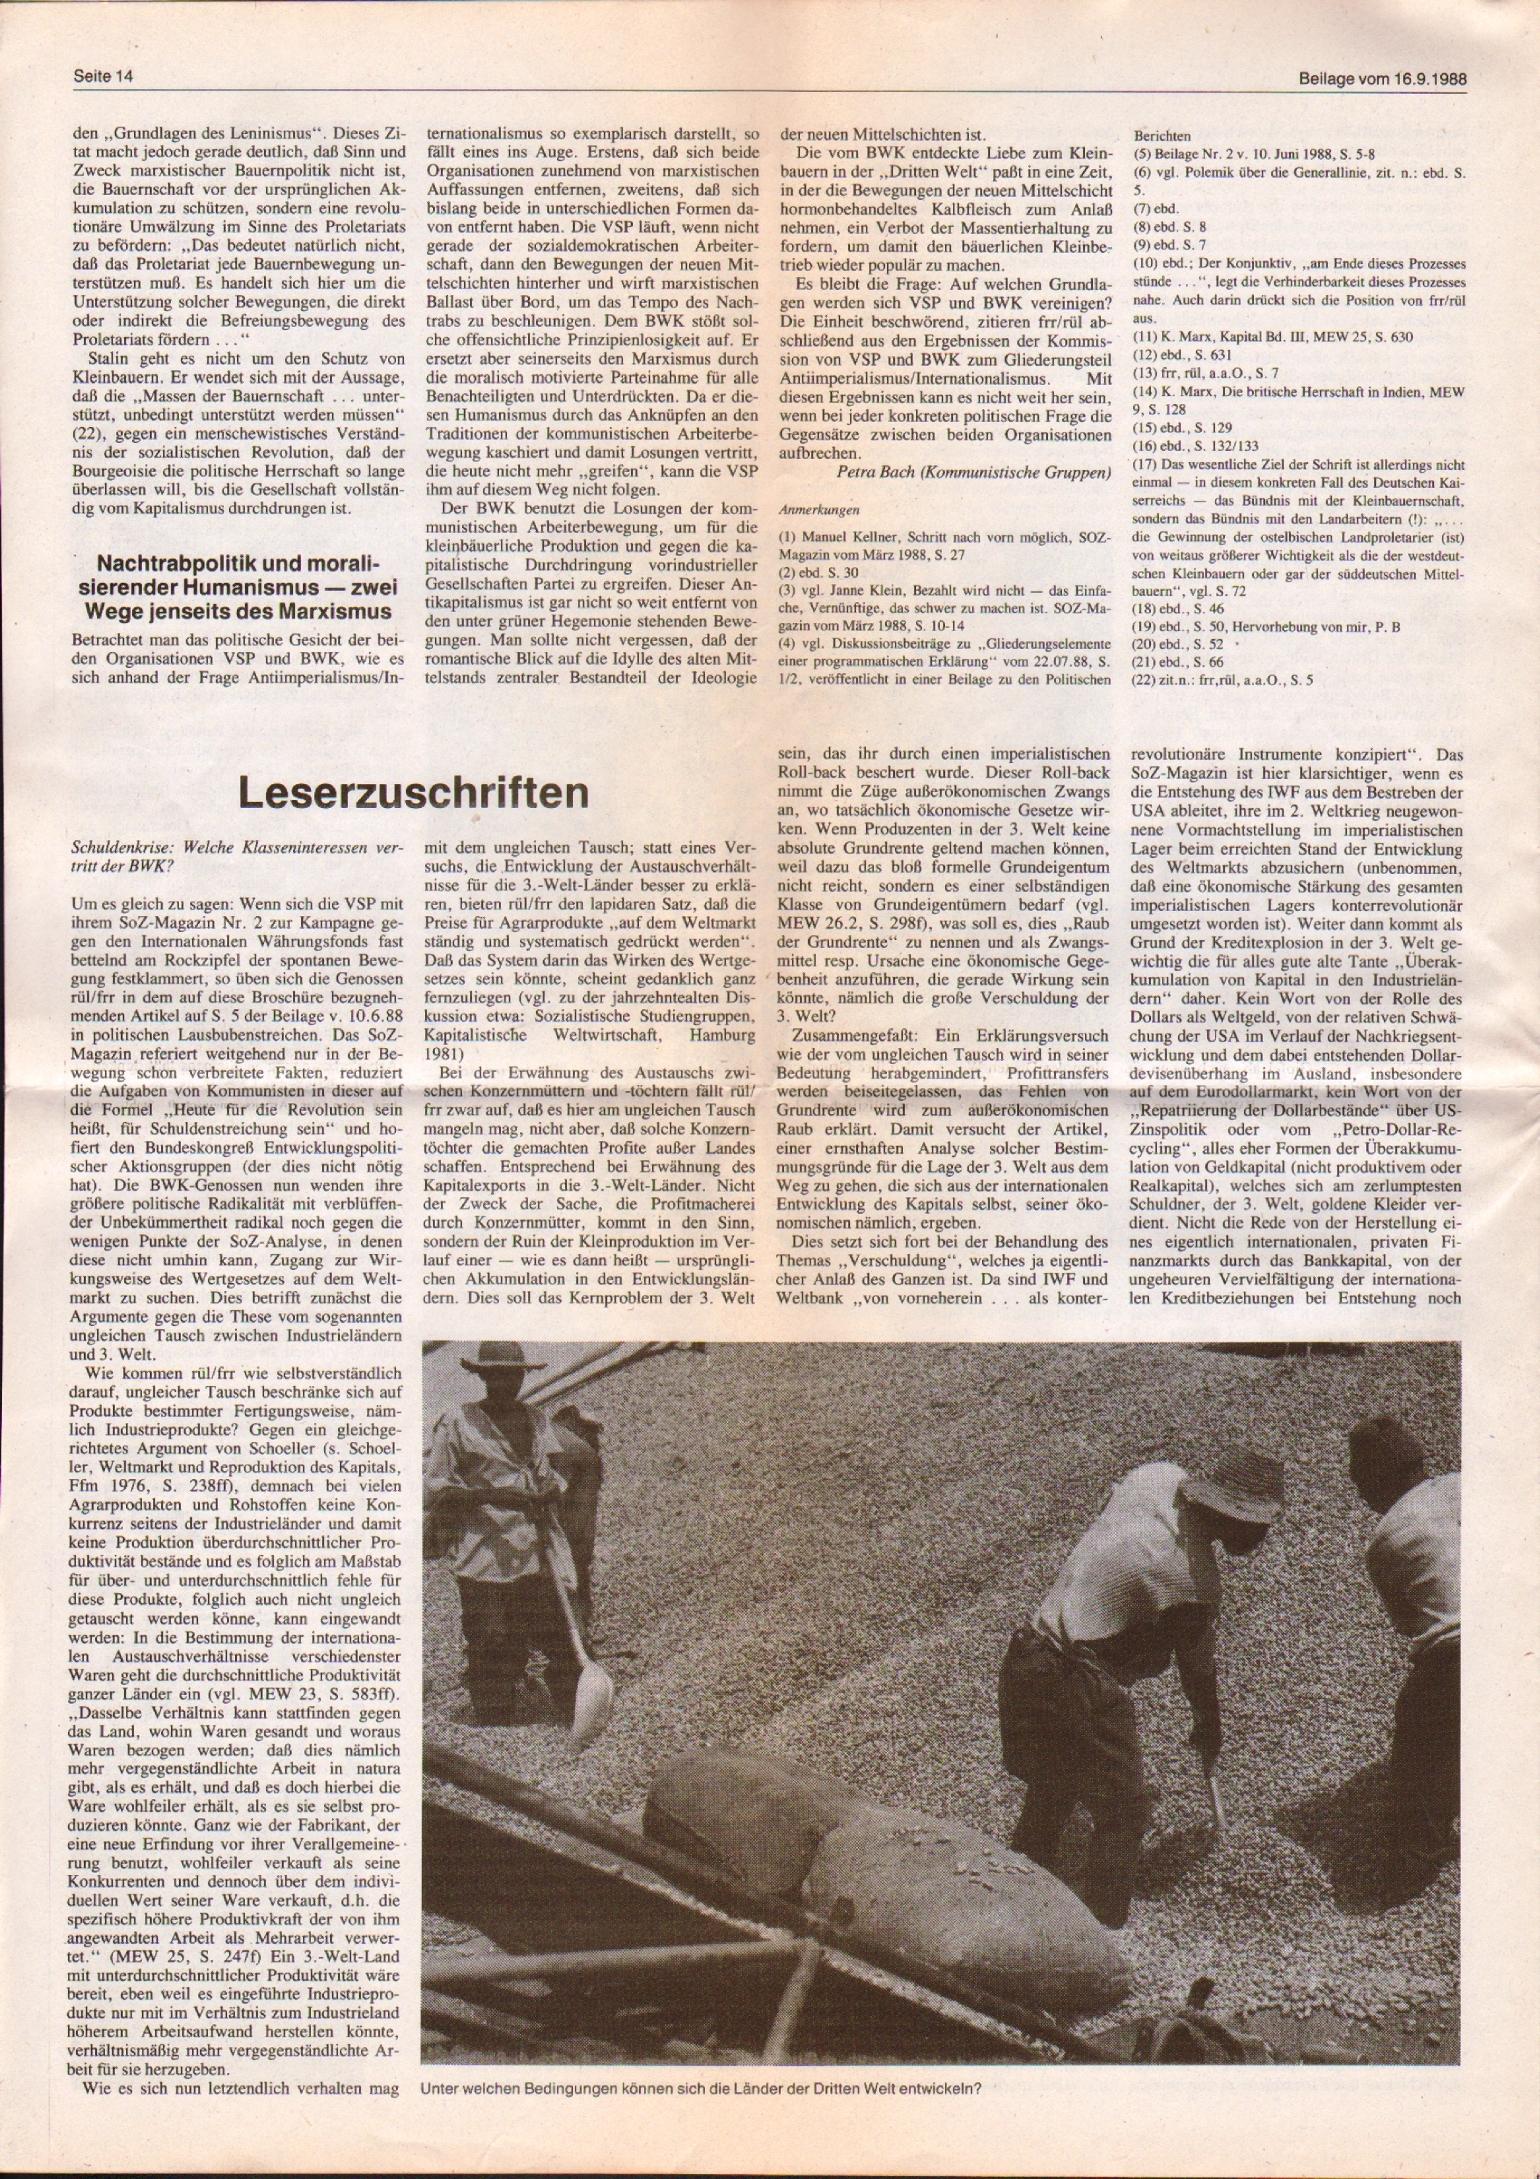 Gemeinsame_Beilage_1988_03_14